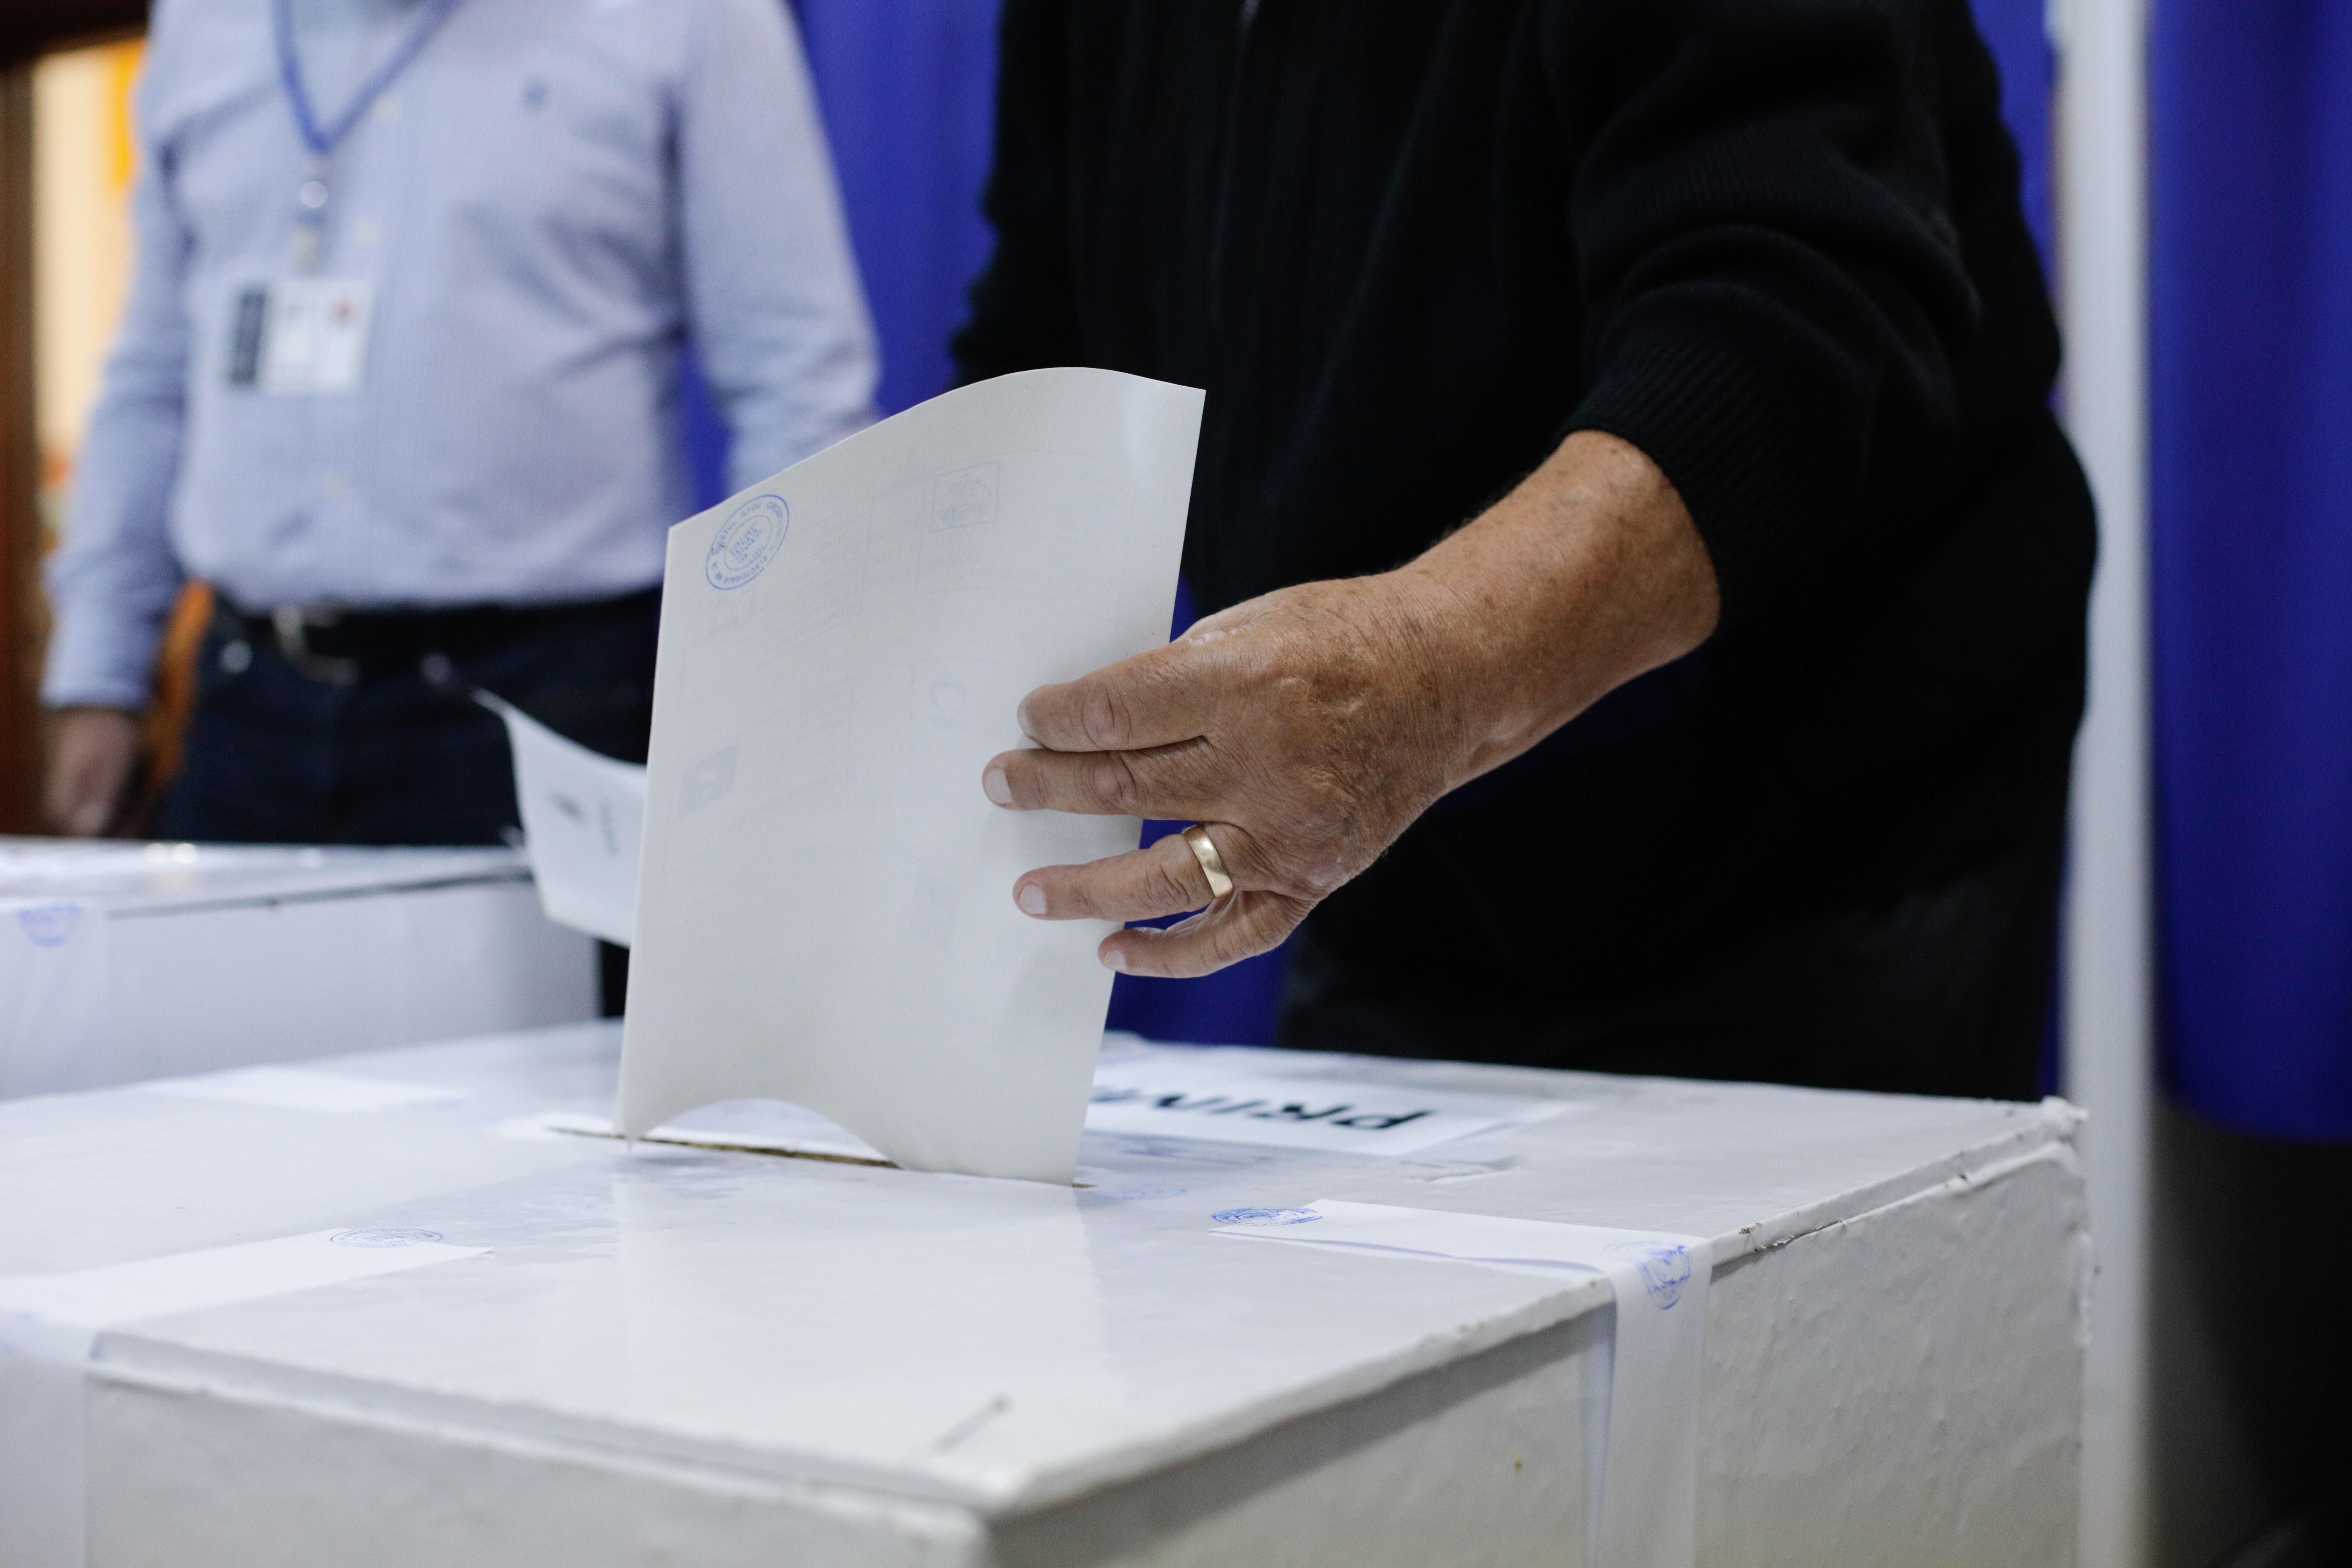 Primarul unui oraș din România, ales cu peste 88% din voturi, a rămas fără mandat. Care este motivul